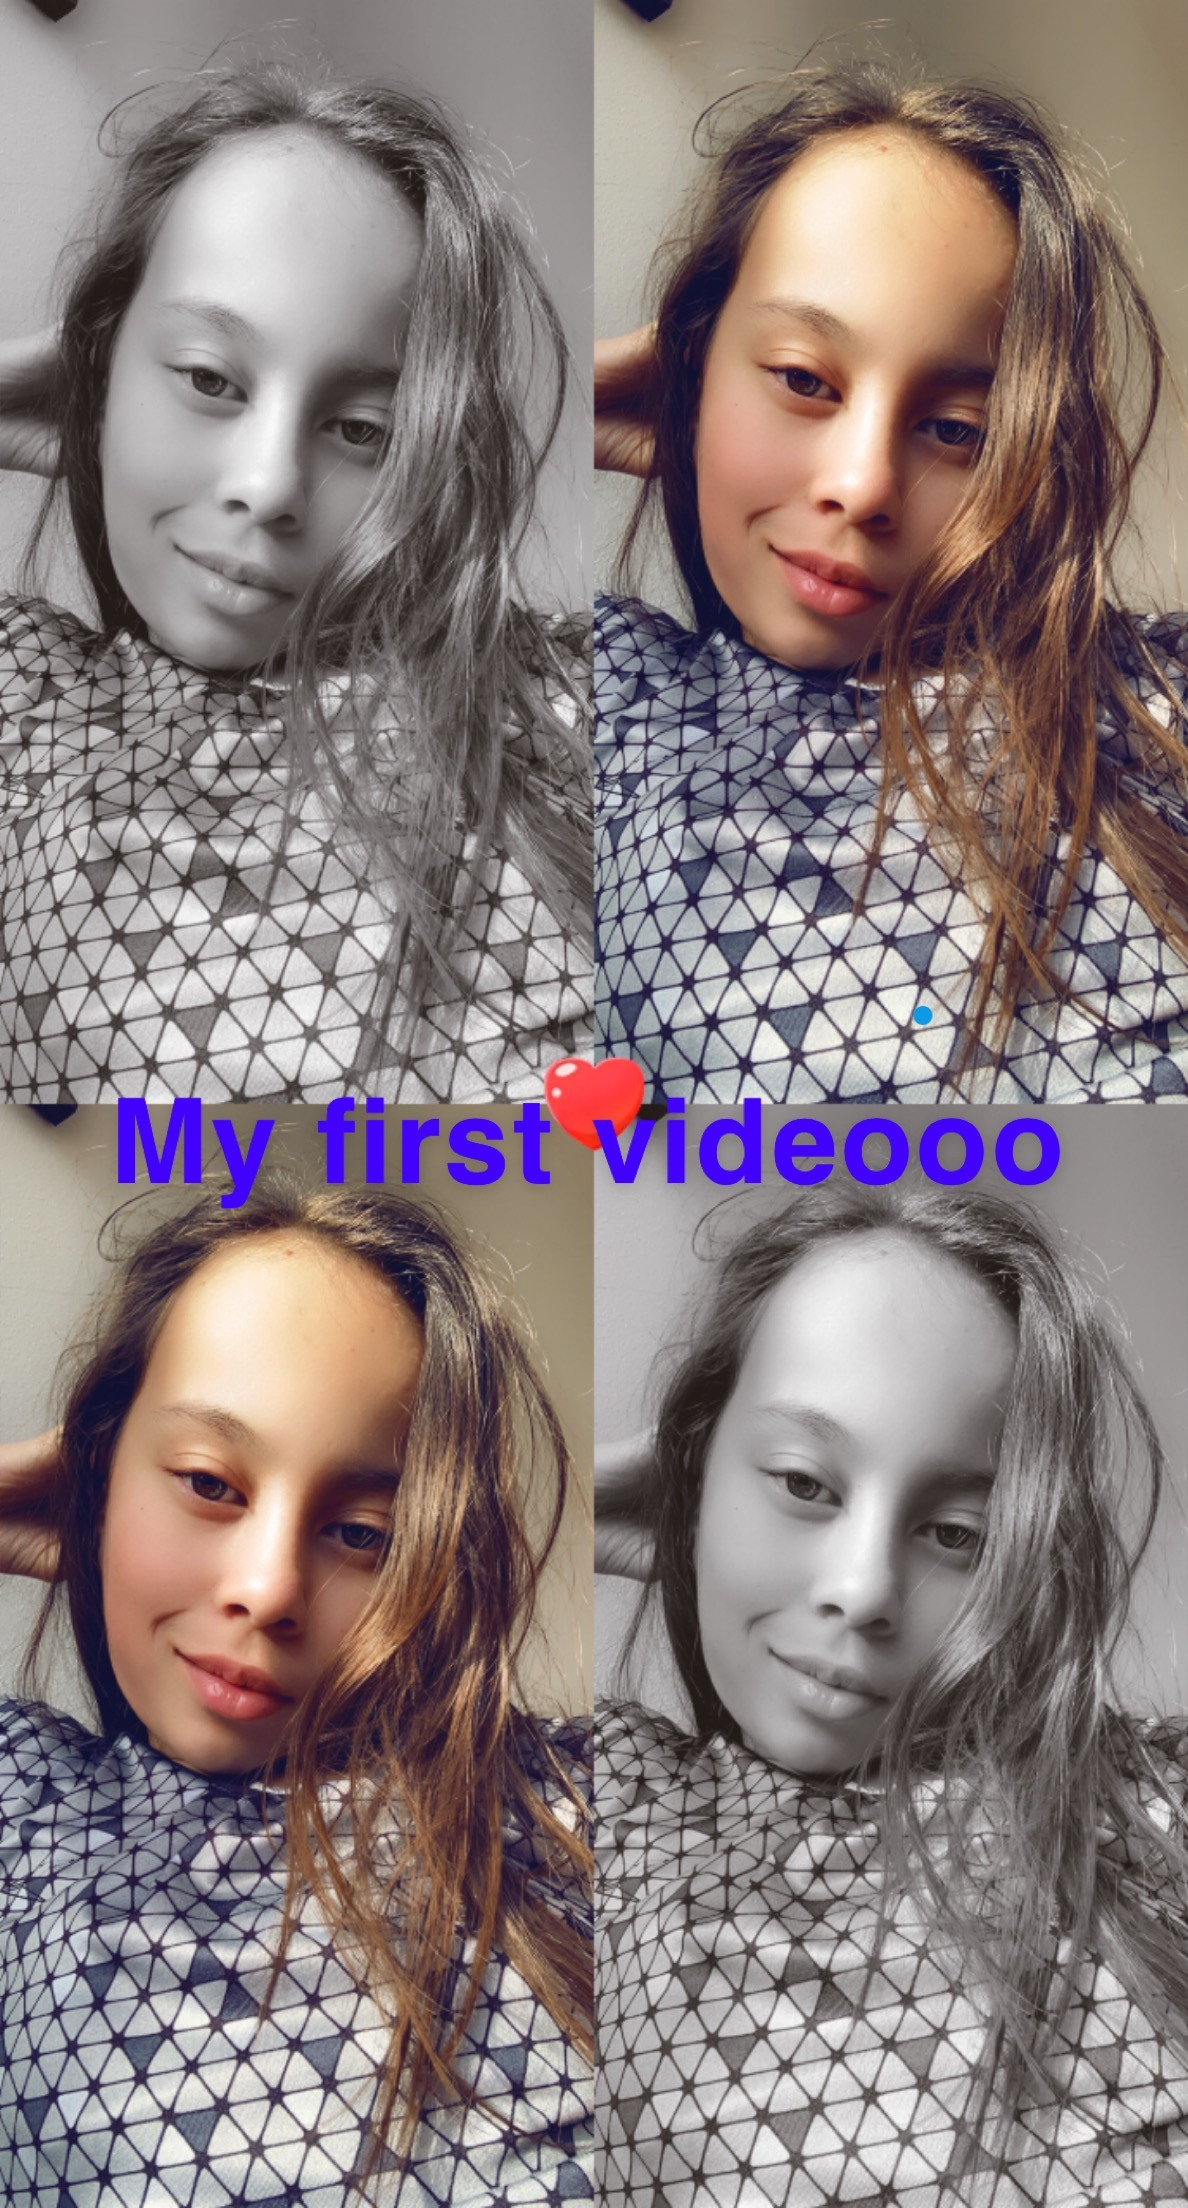 my first vloggg!!!! enjoyyyy!!! #1